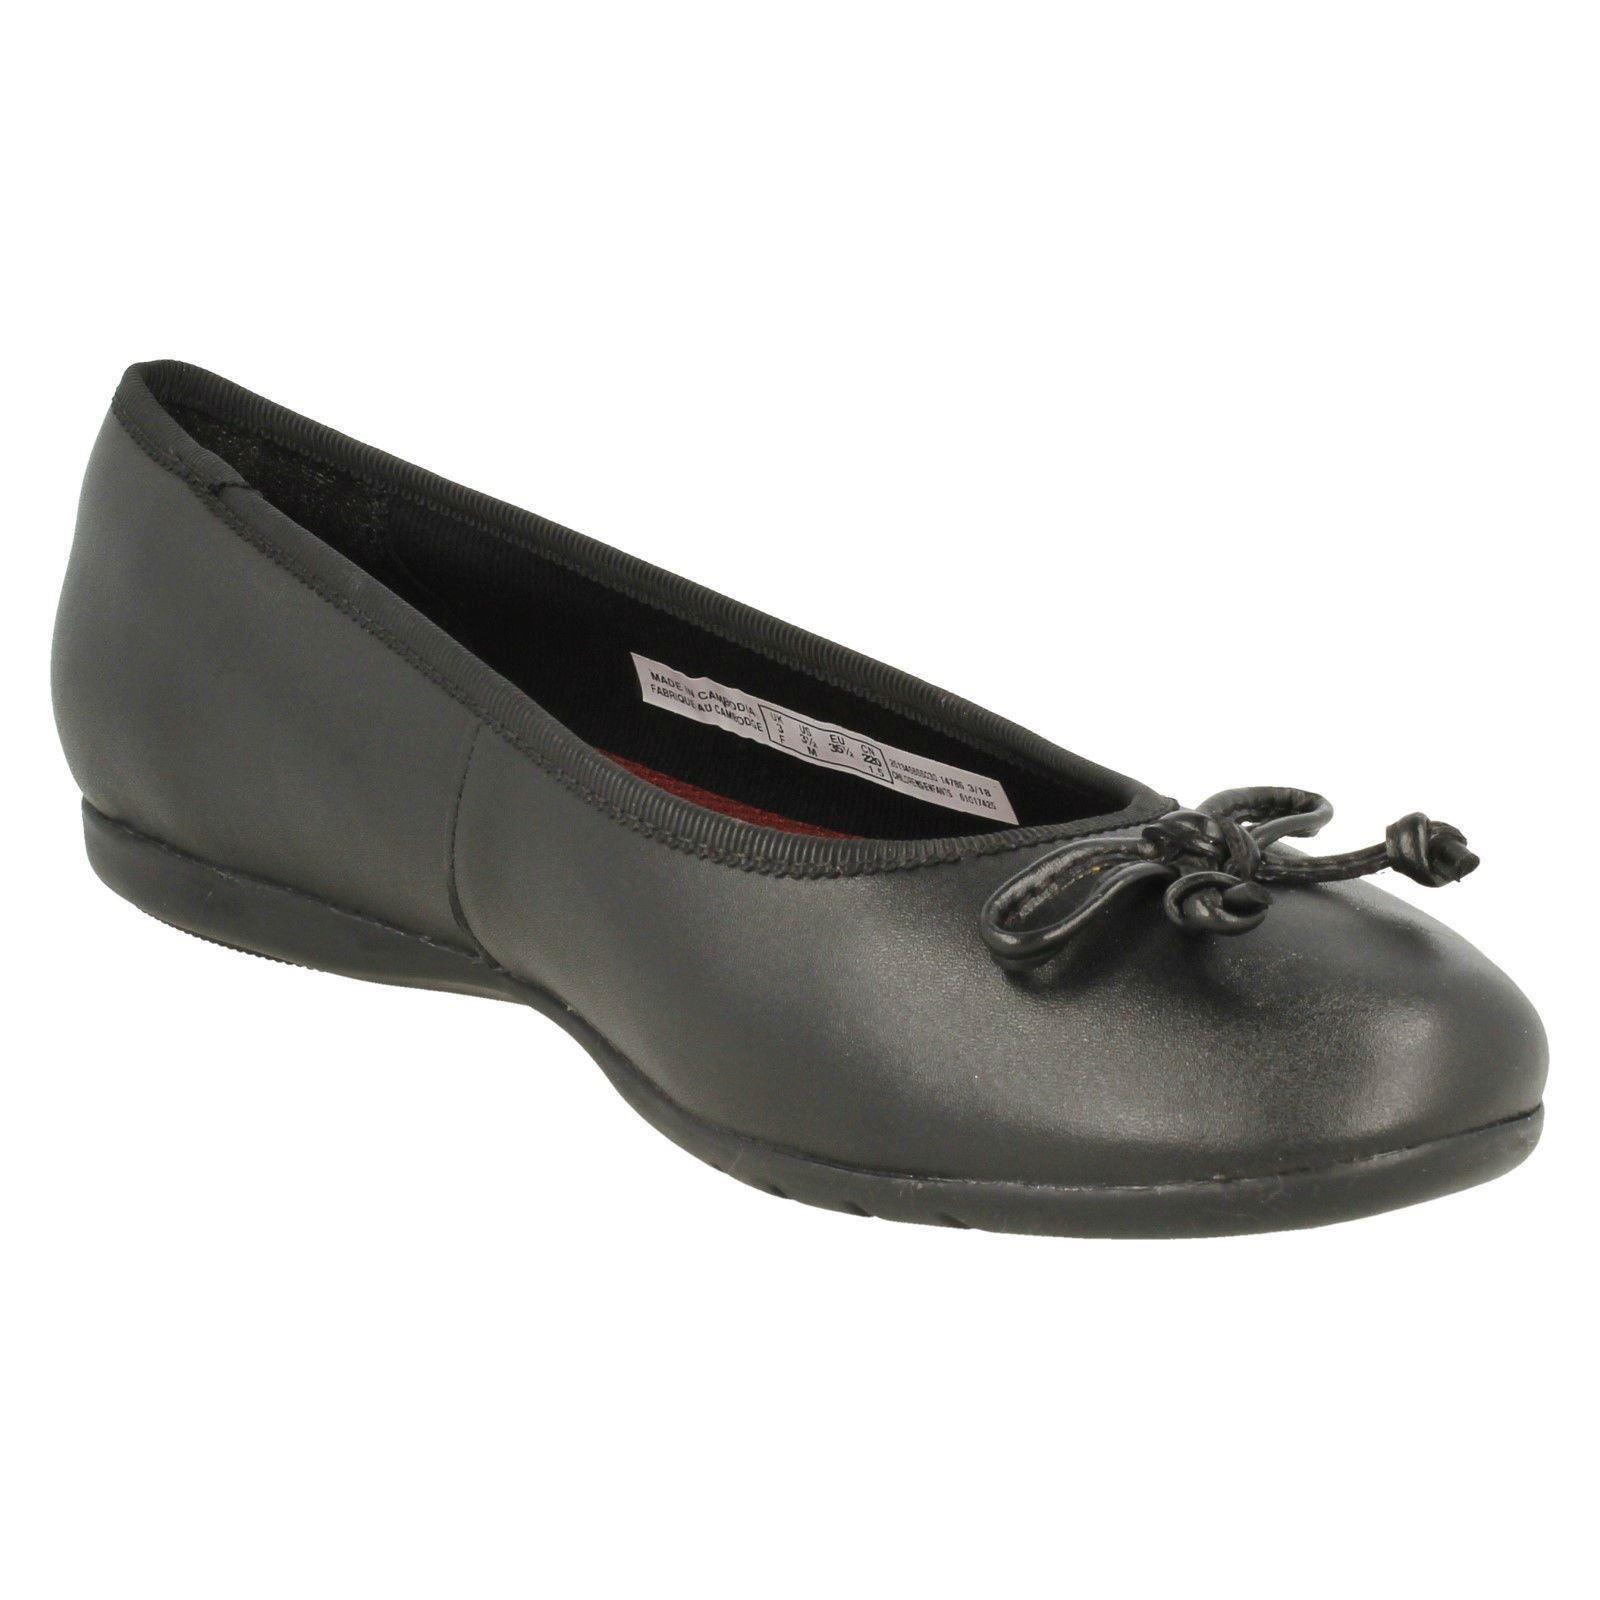 Shine' Clarks Bow Clarks On Slip Zapatos chicas Negro 'jesse para qRZxU77B